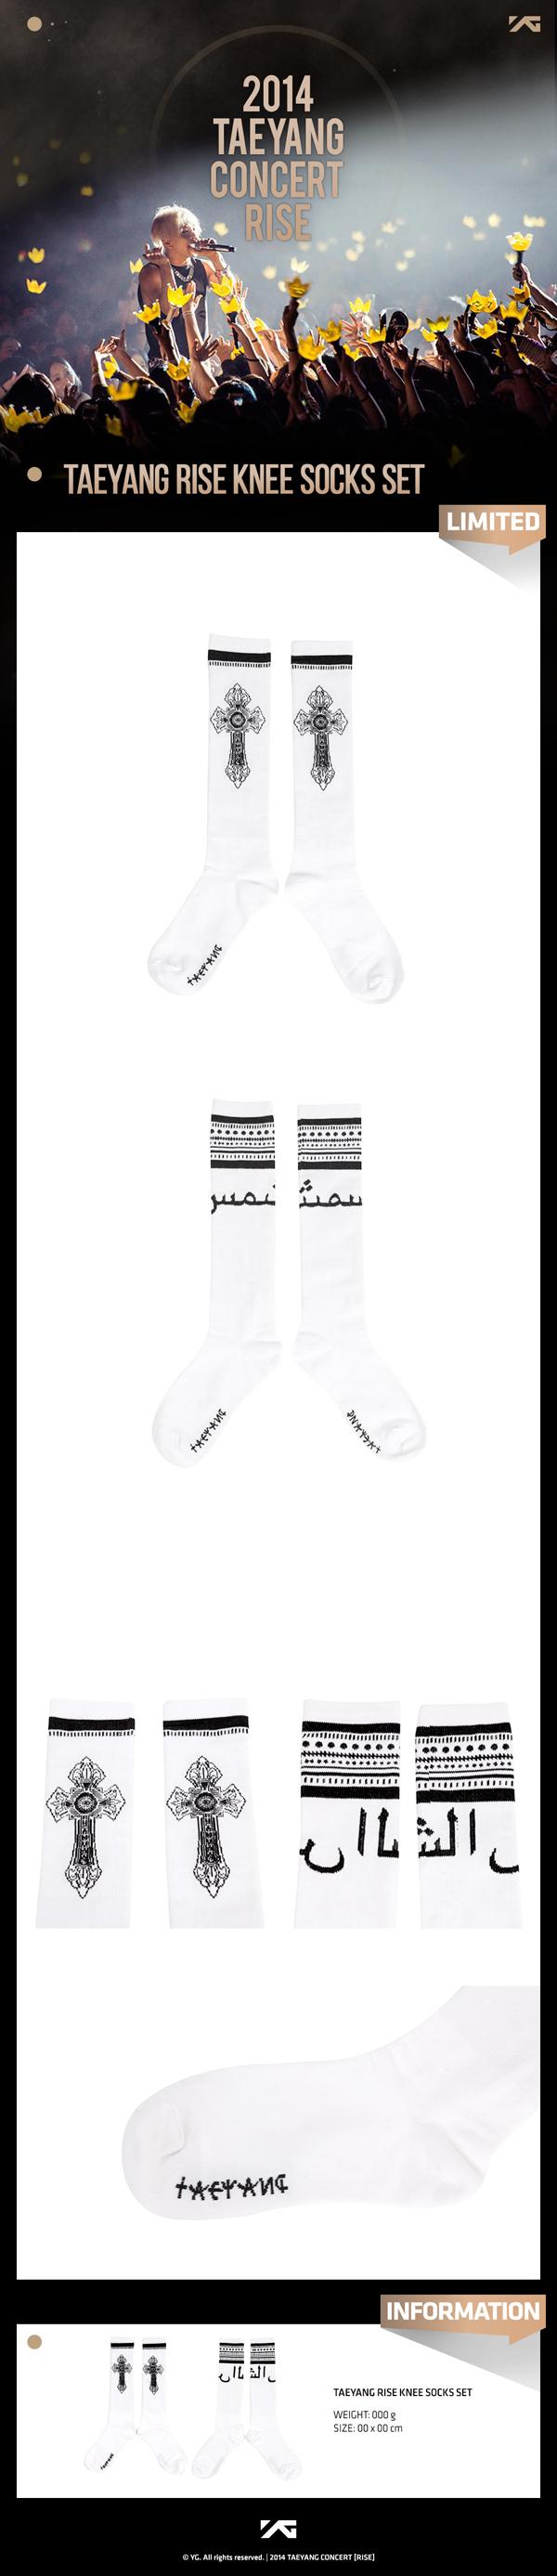 ty_socks_01